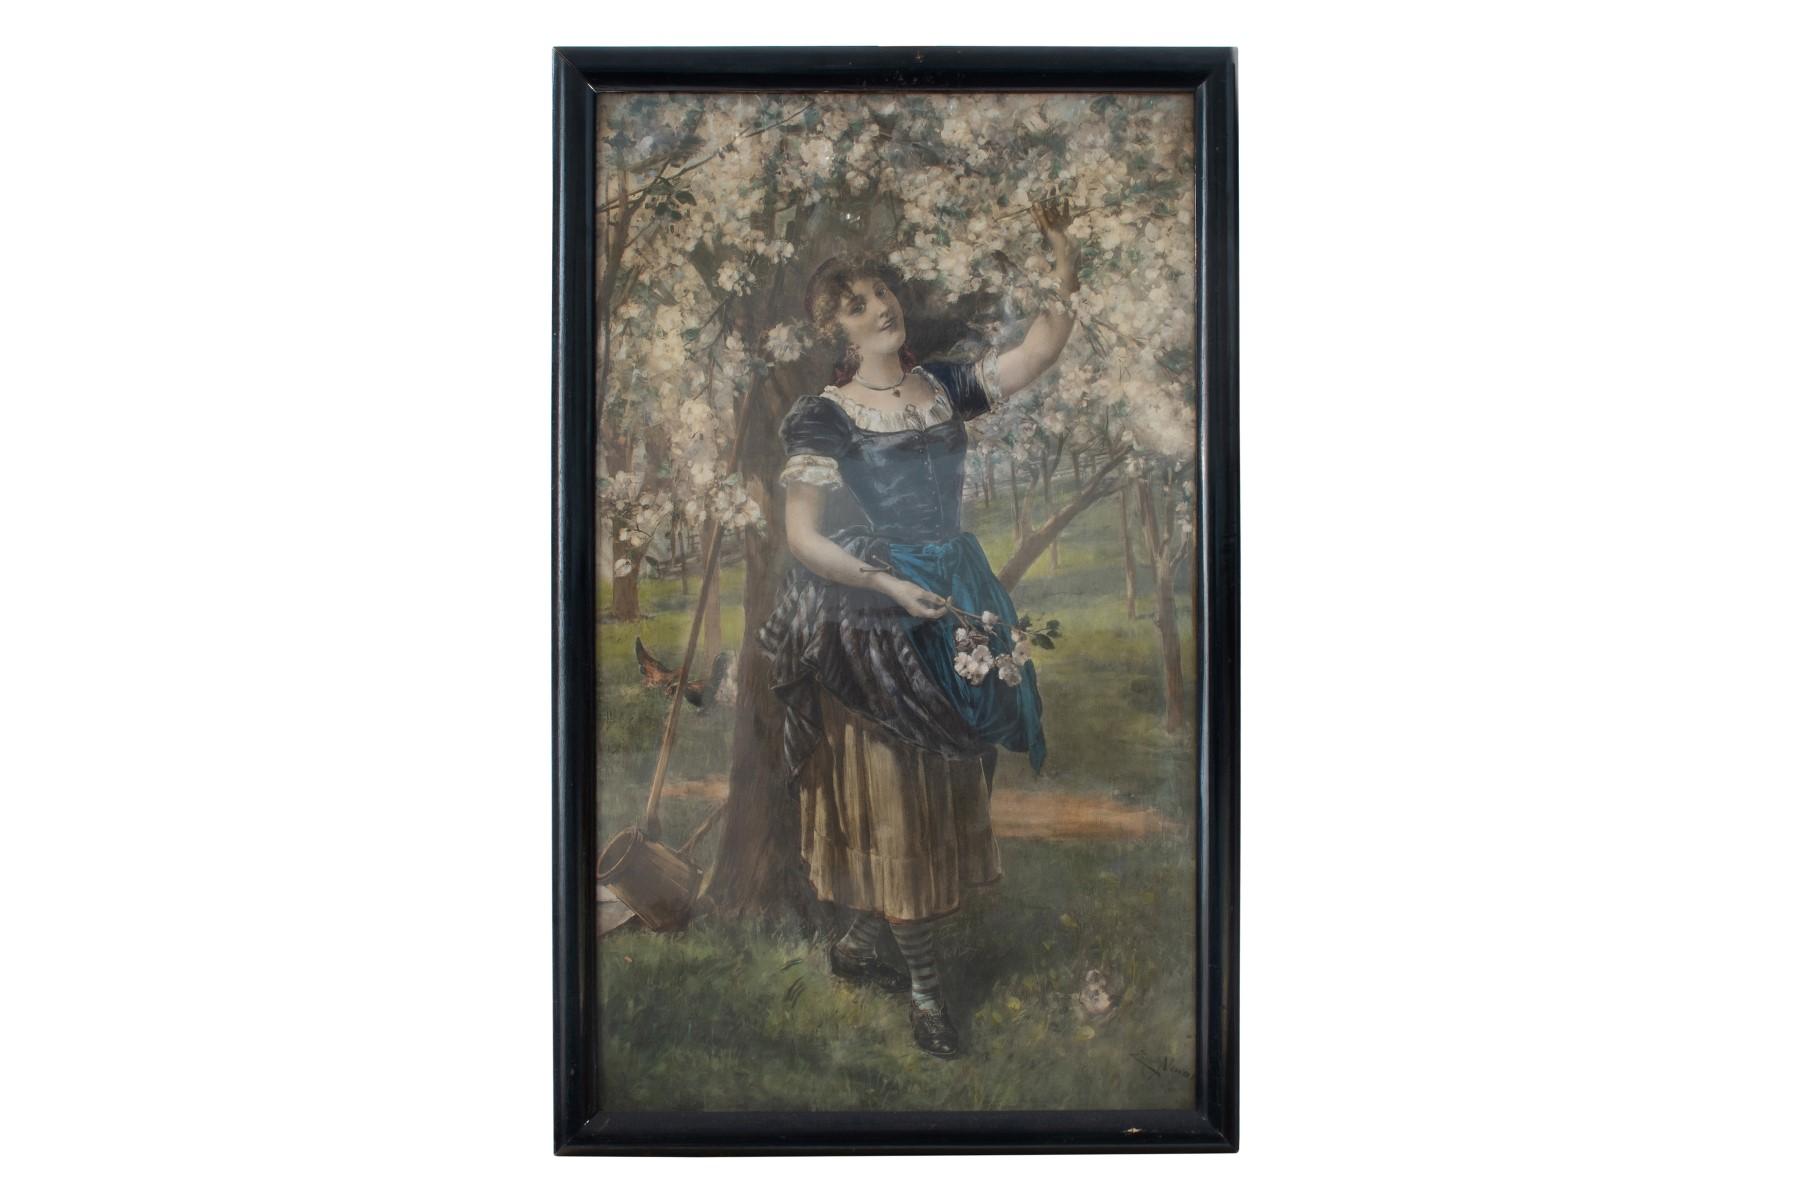 #55 Artist of the 20th Century, Young maid on a meadow under flowering tree   Künstler des 20. Jahrhundert, Junge Magd auf einer Wiese unter blühenden Baum Image